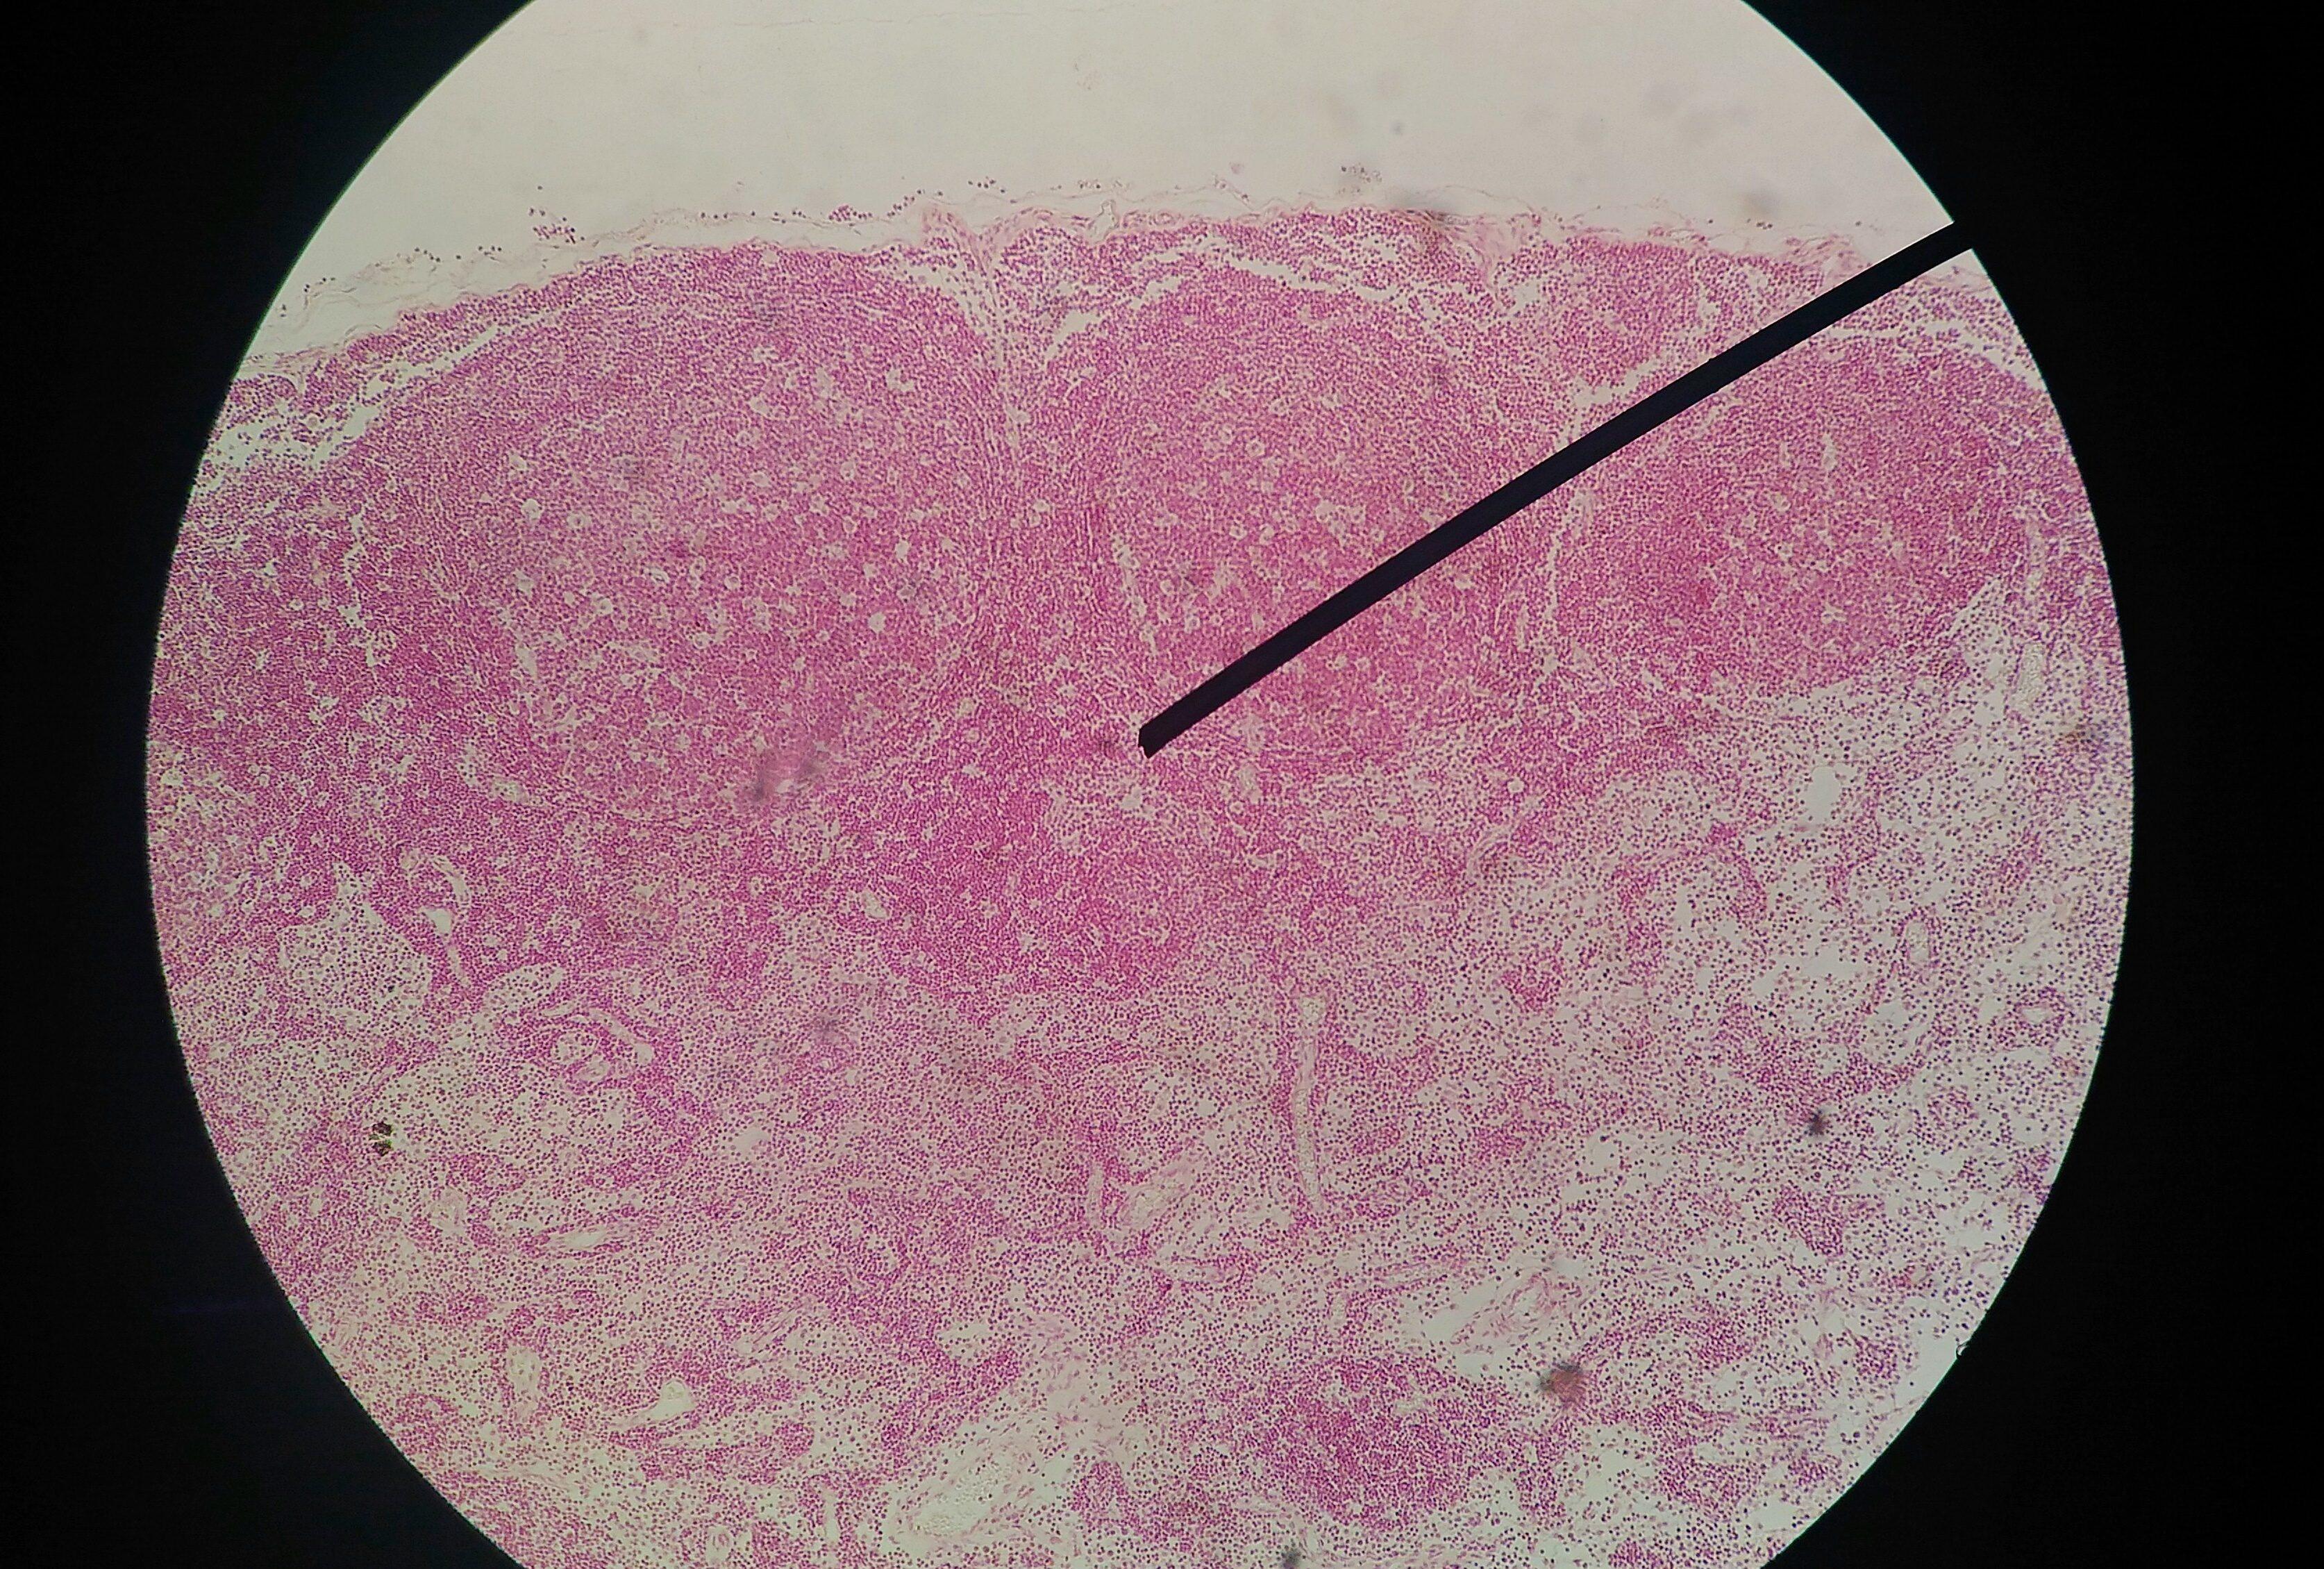 HPV (Human Papilloma Virus)